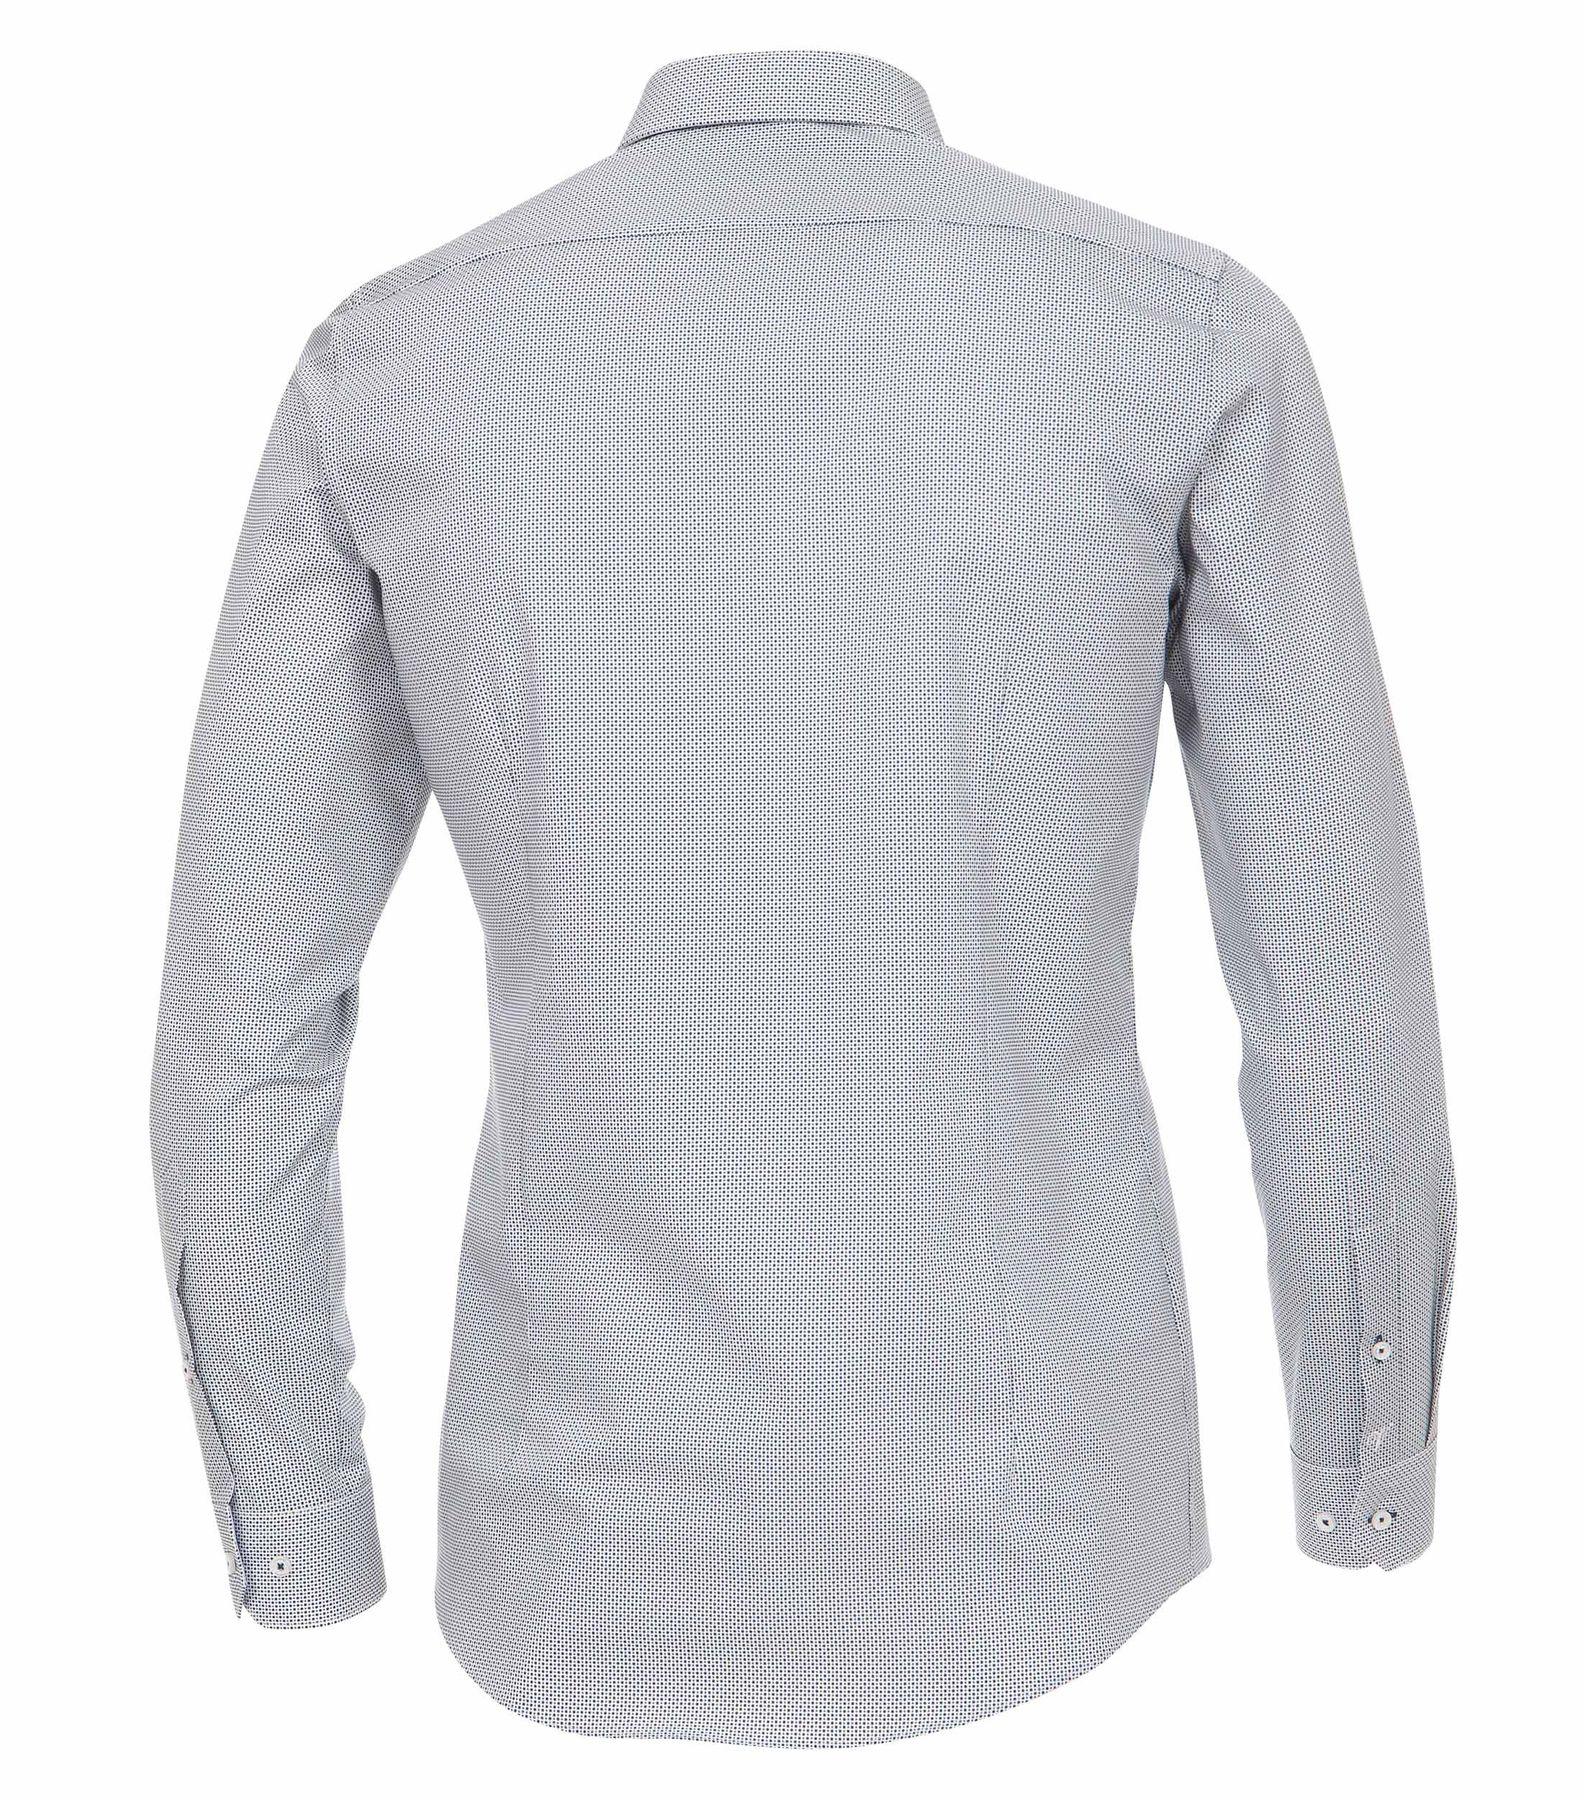 Venti - Body Fit - Herren Hemd mit modischem Druck und aus 100% Baumwolle mit Kent Kragen (172677900) – Bild 2